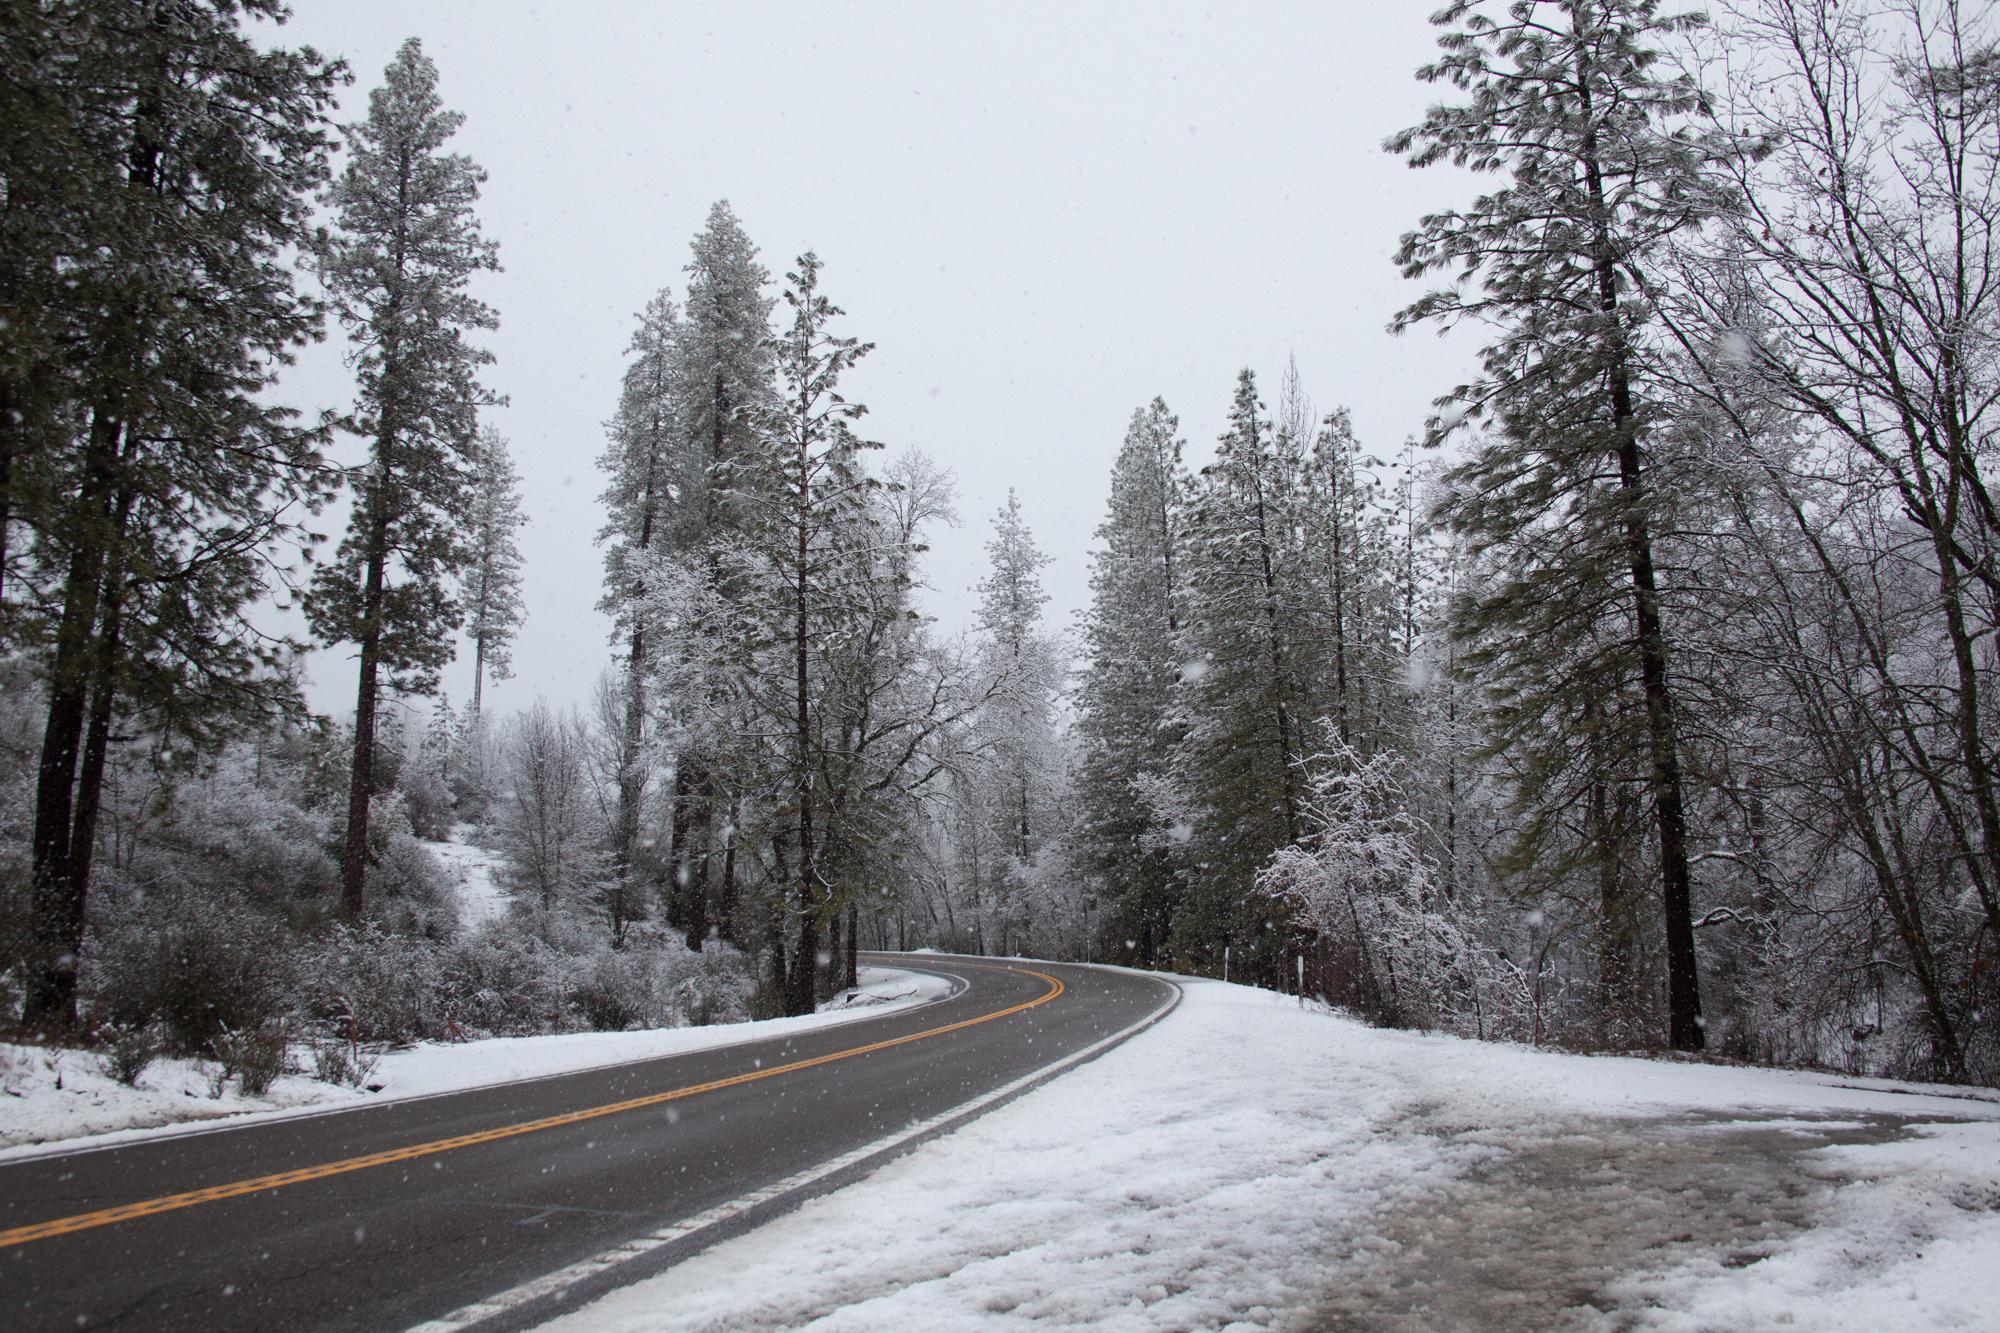 2019-02 Yosemite-12.jpg